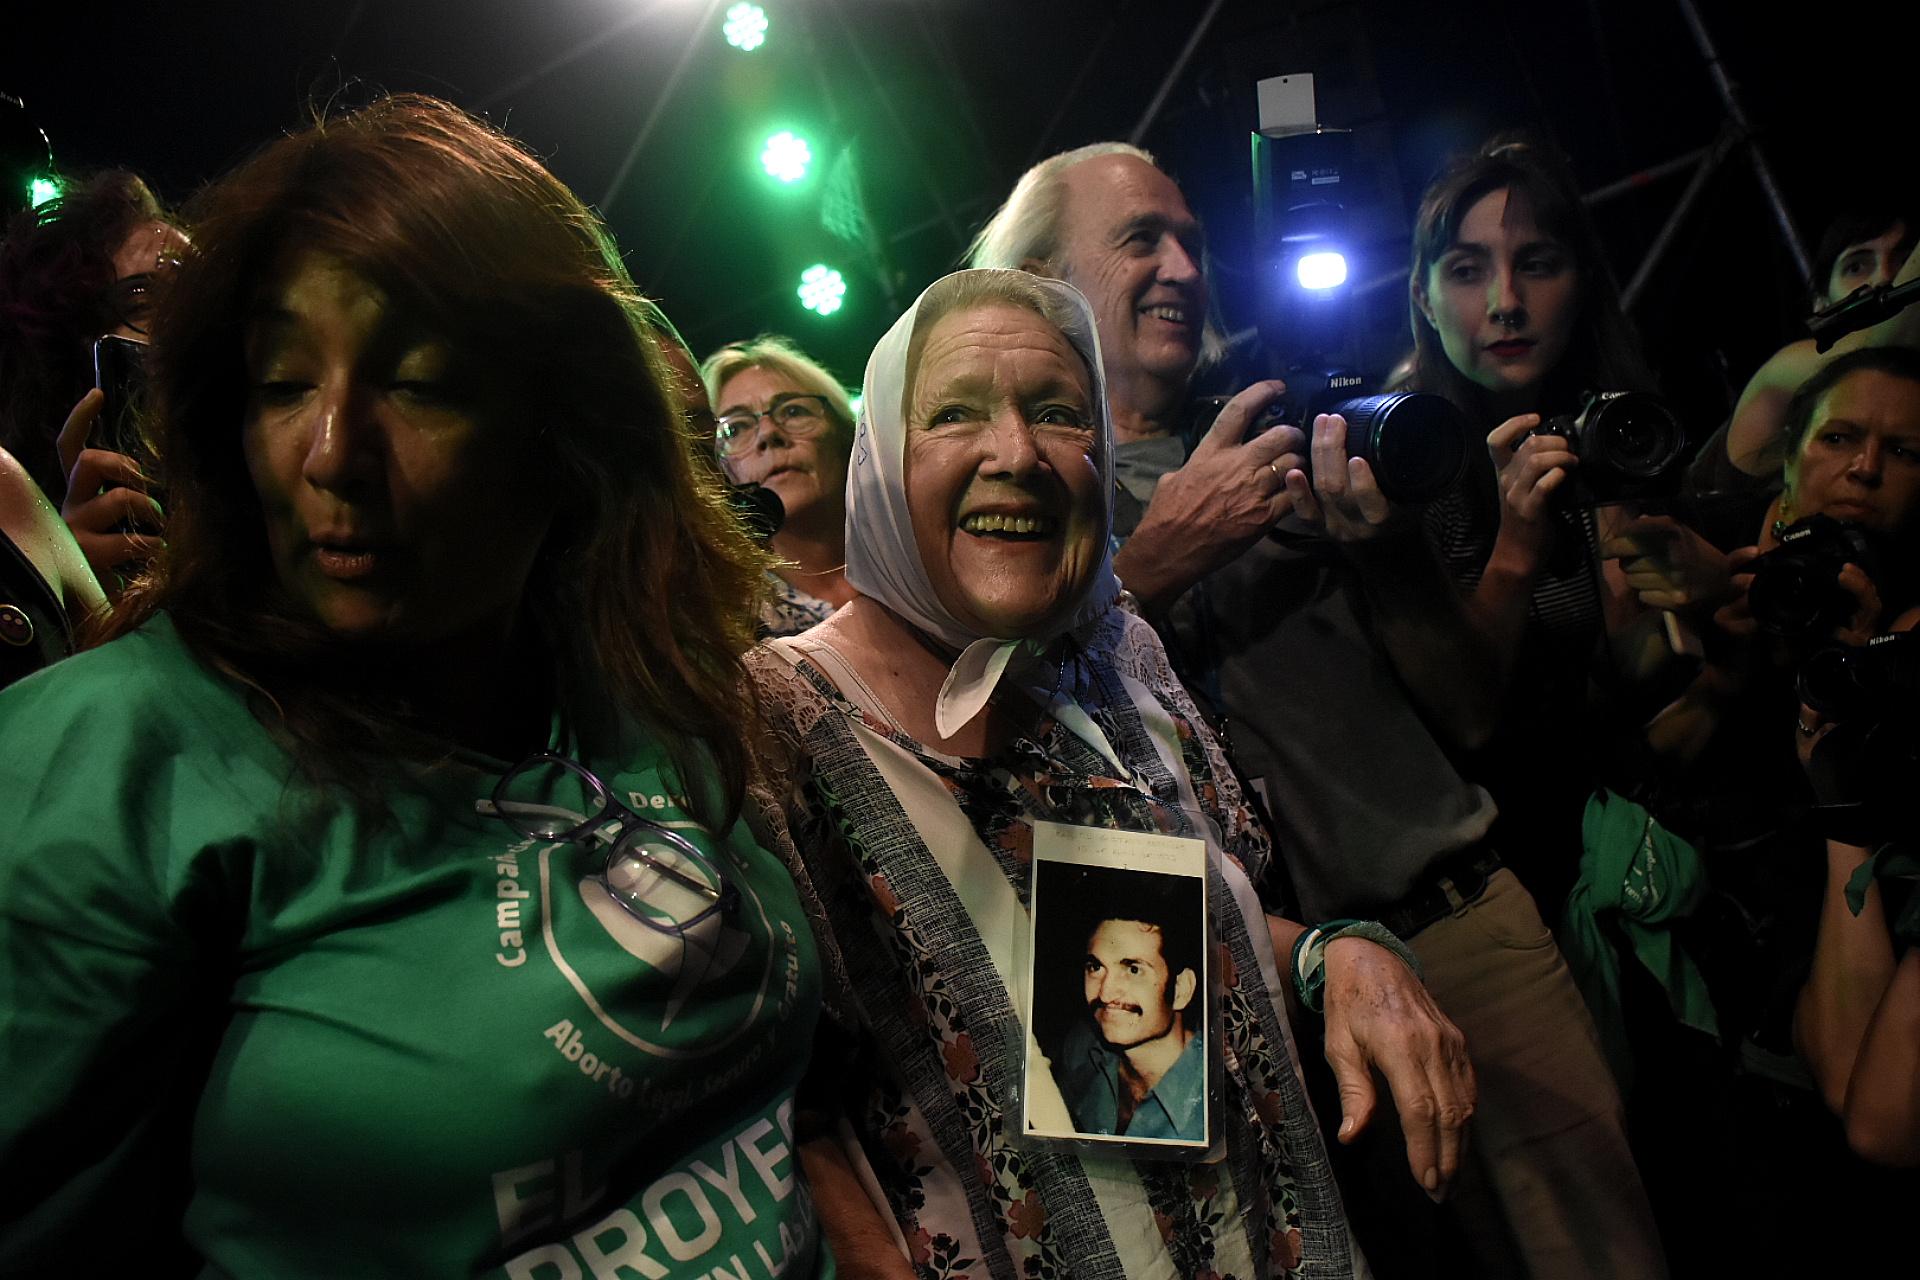 La abuela de Plaza de Mayo Nora Cortiñas